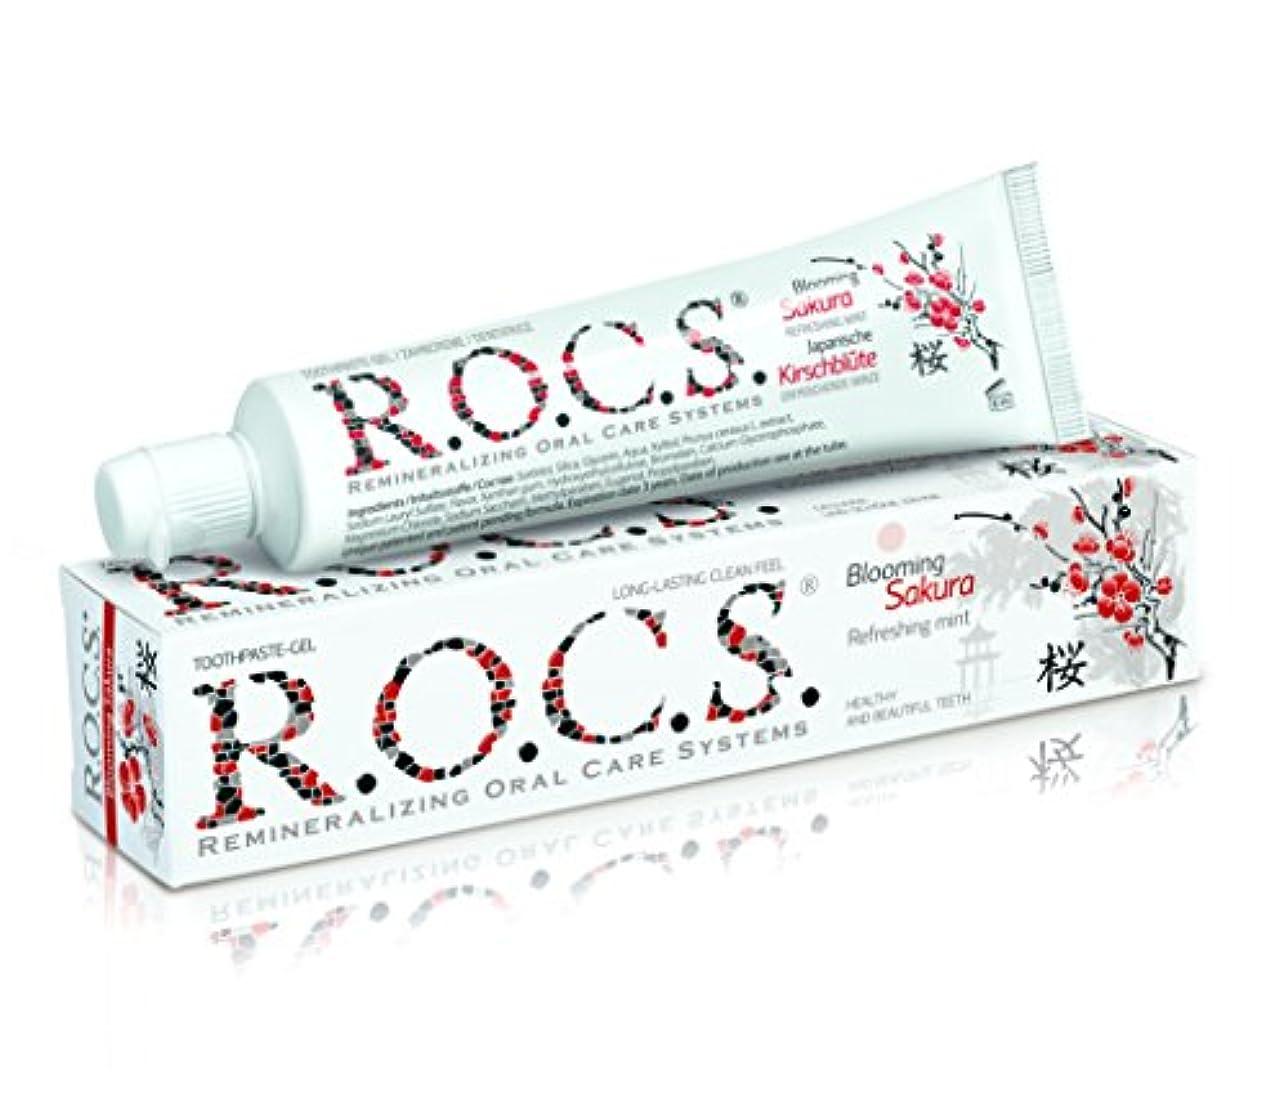 散る生命体空いているR.O.C.S. ロックス歯磨き粉 ブルーミング サクラ